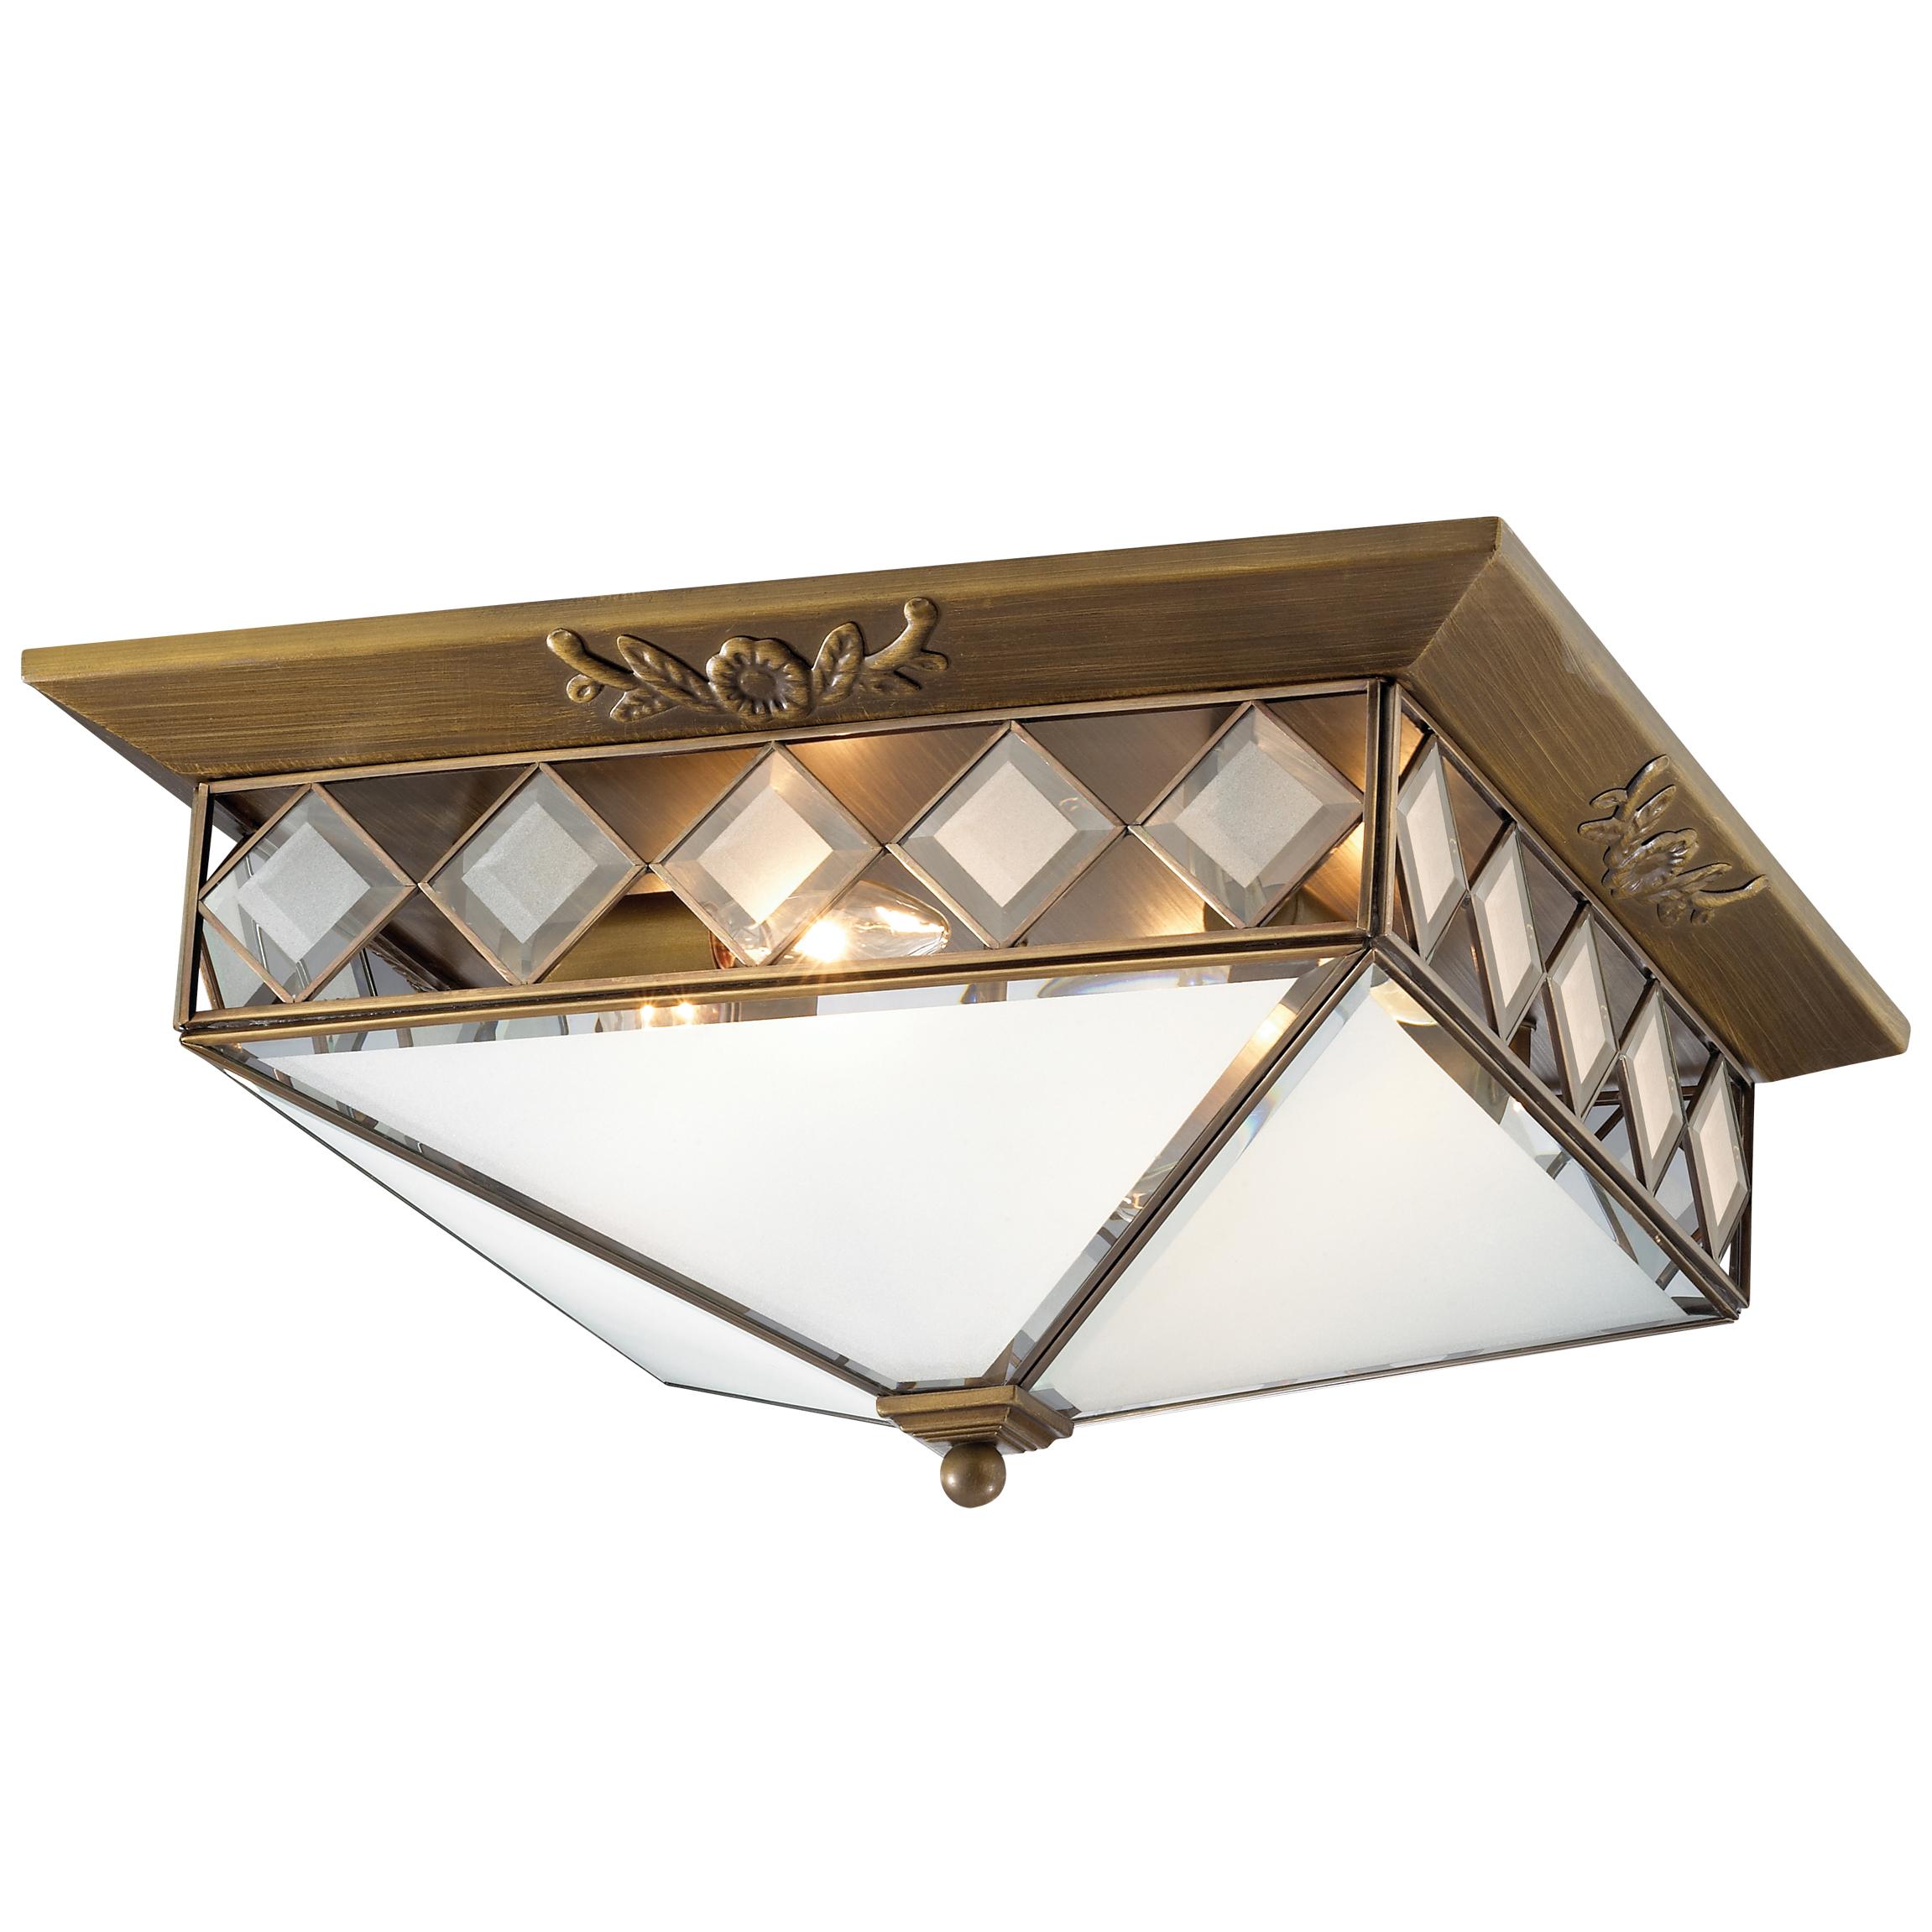 Светильник настенно-потолочный Odeon light 2544/4 накладной потолочный светильник 2544 2 odeon light